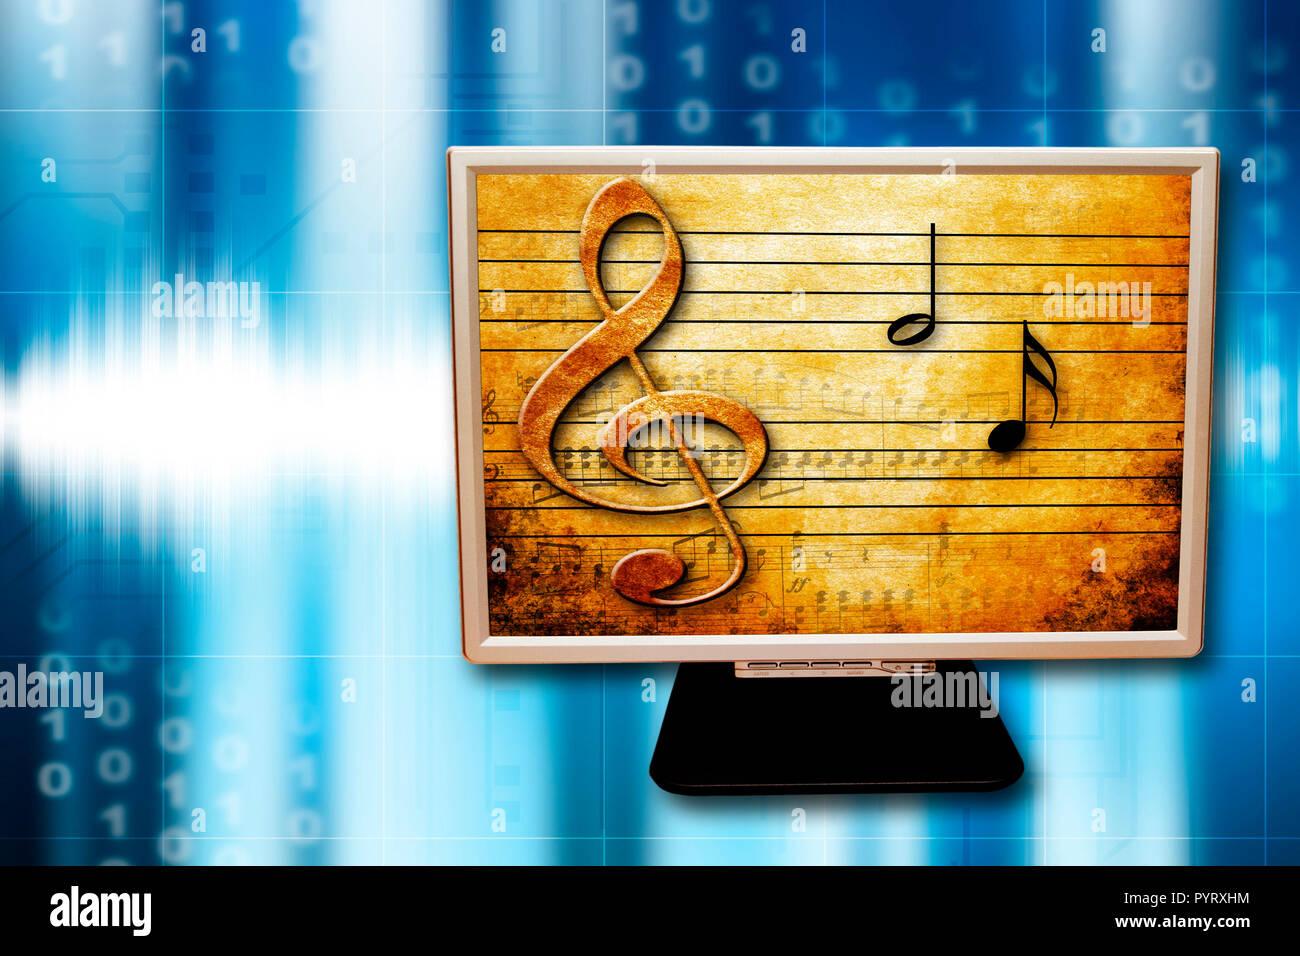 Illustration conceptuelle pour la musique sur Internet Banque D'Images